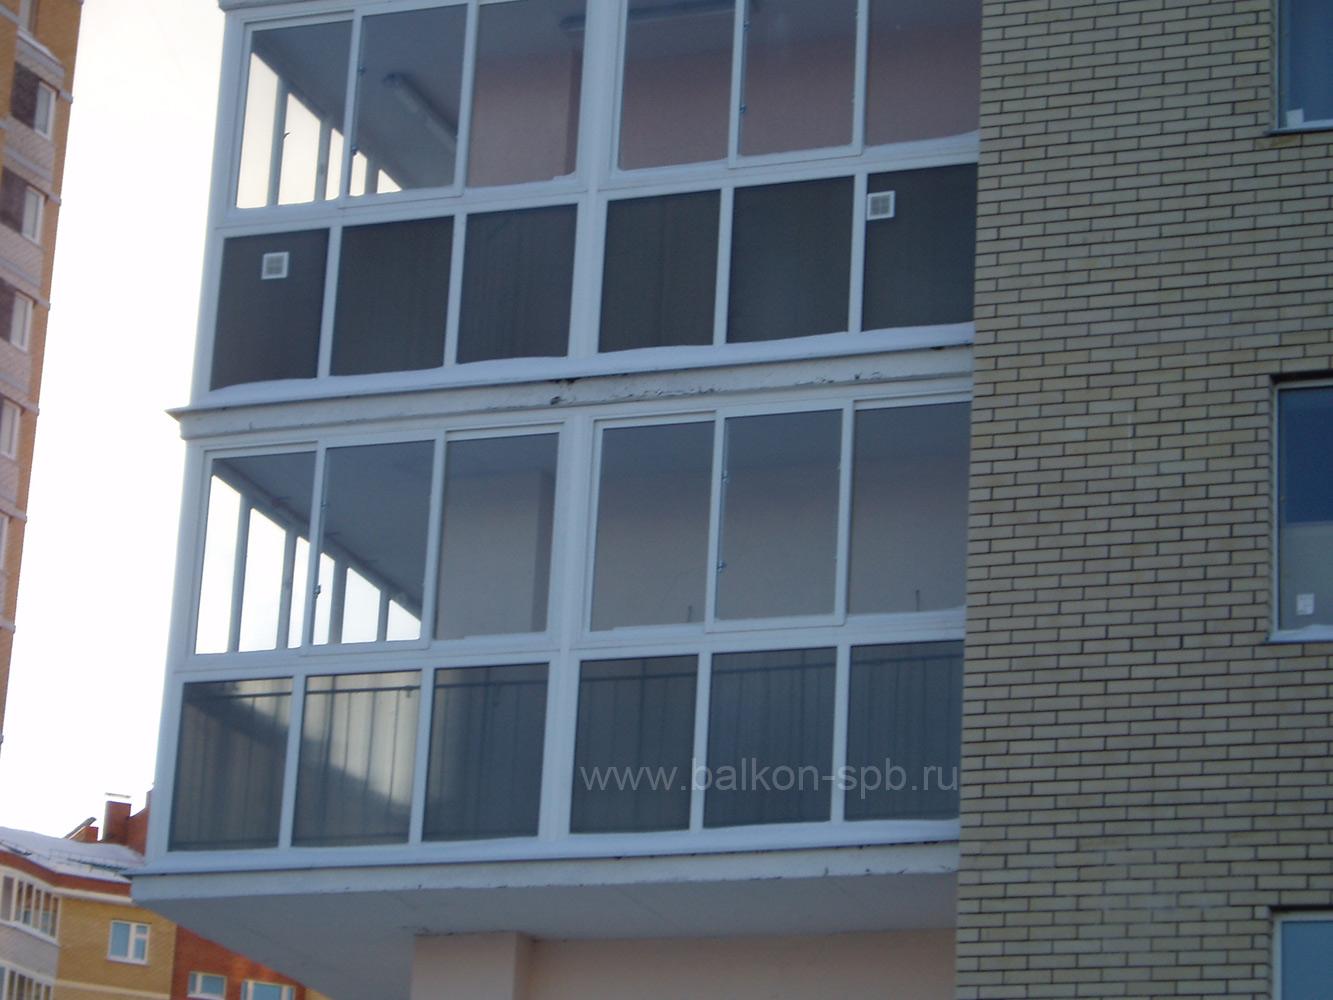 Остекление балкона, лоджии система базовых профилей slidors .